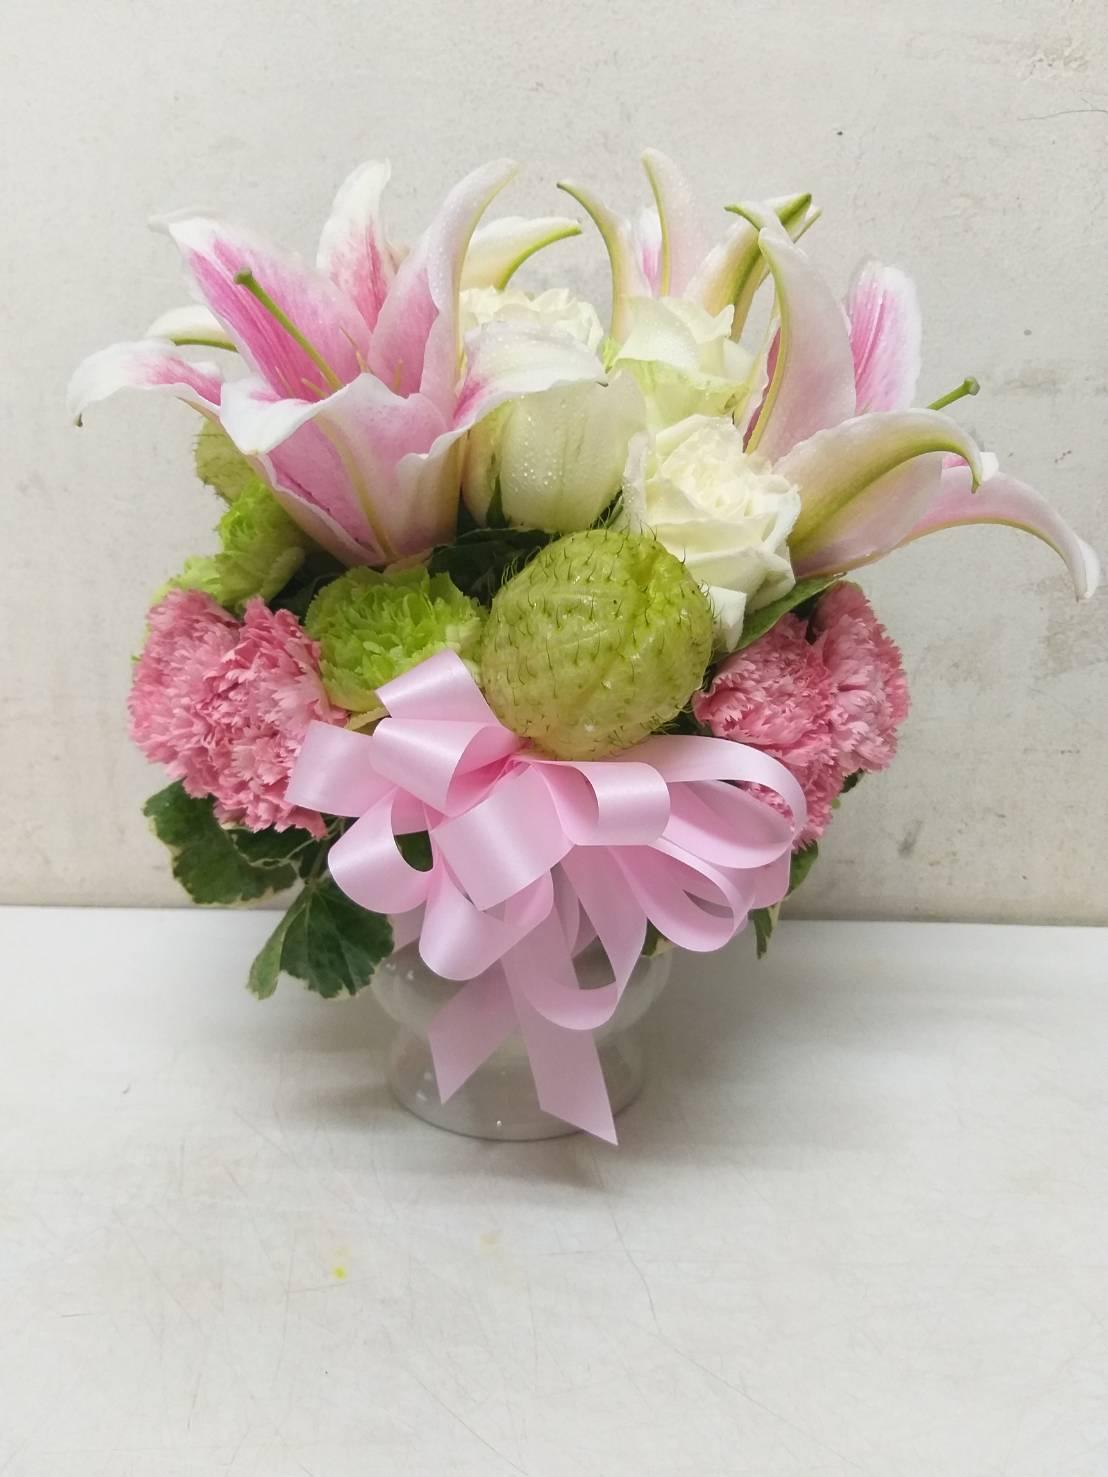 แจกันดอกไม้สวยๆ โทนสีหวานๆ โดดเด่นด้วยดอกลิลลี่ดอกใหญ่ แซมด้วยดอกไม้นานาชนิด